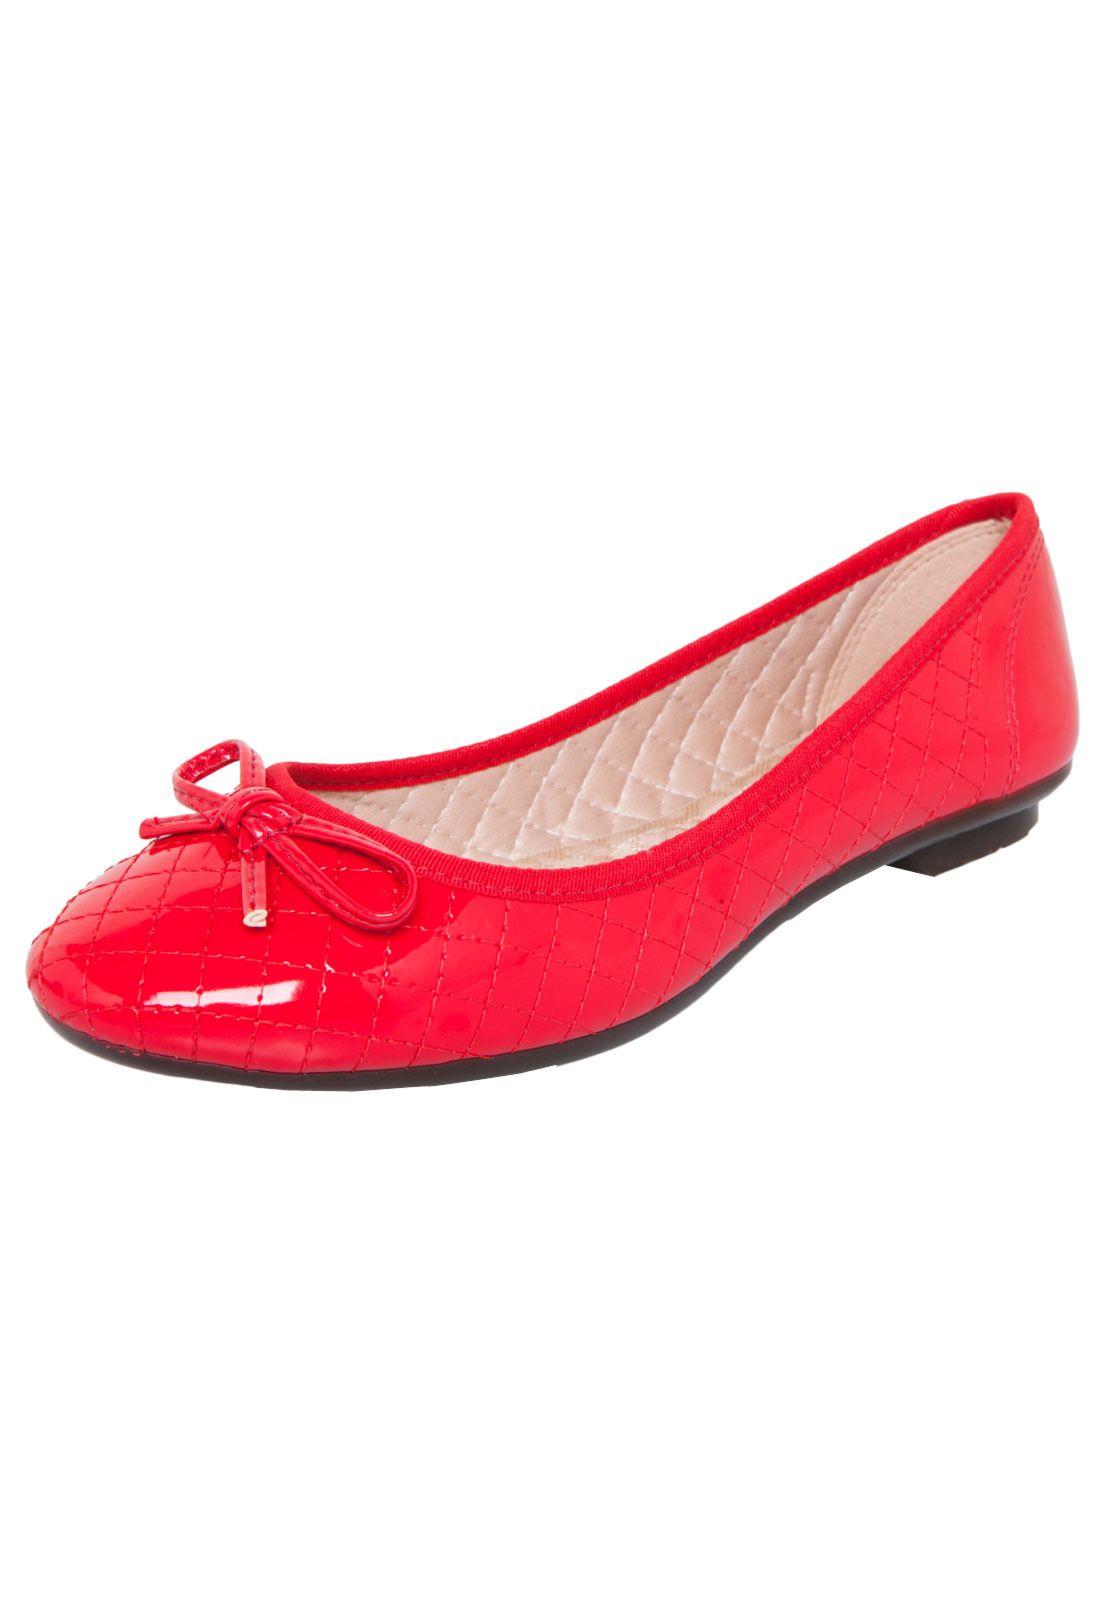 03a4bf13a Sapatilha Moleca Femini Vermelha | Zapatitos | Sapatilhas, Looks, Moleca